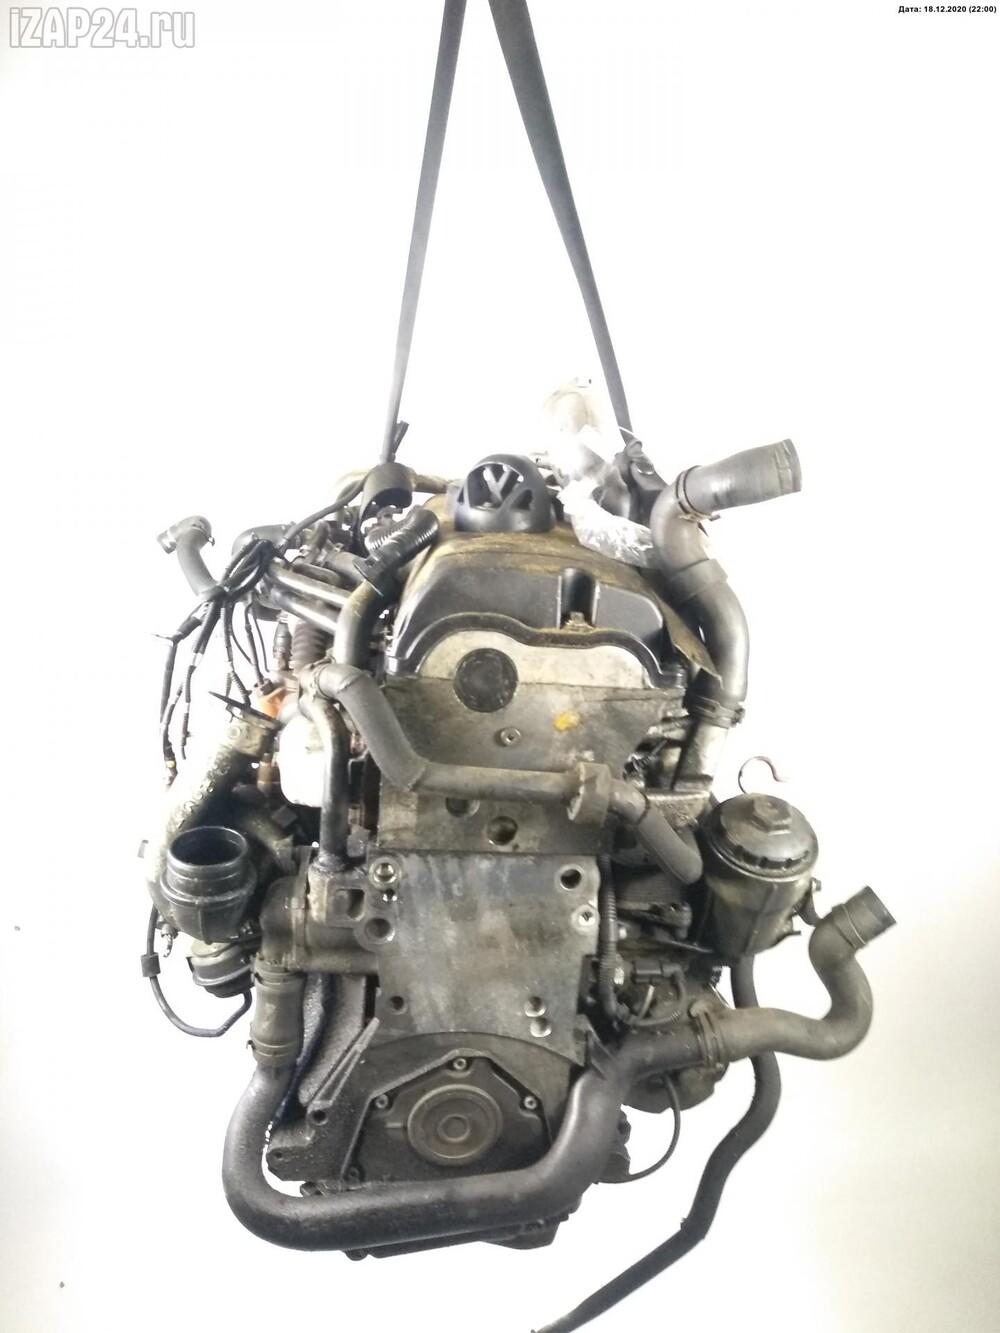 купить двигатель 2 5 дизель на фольксваген транспортер